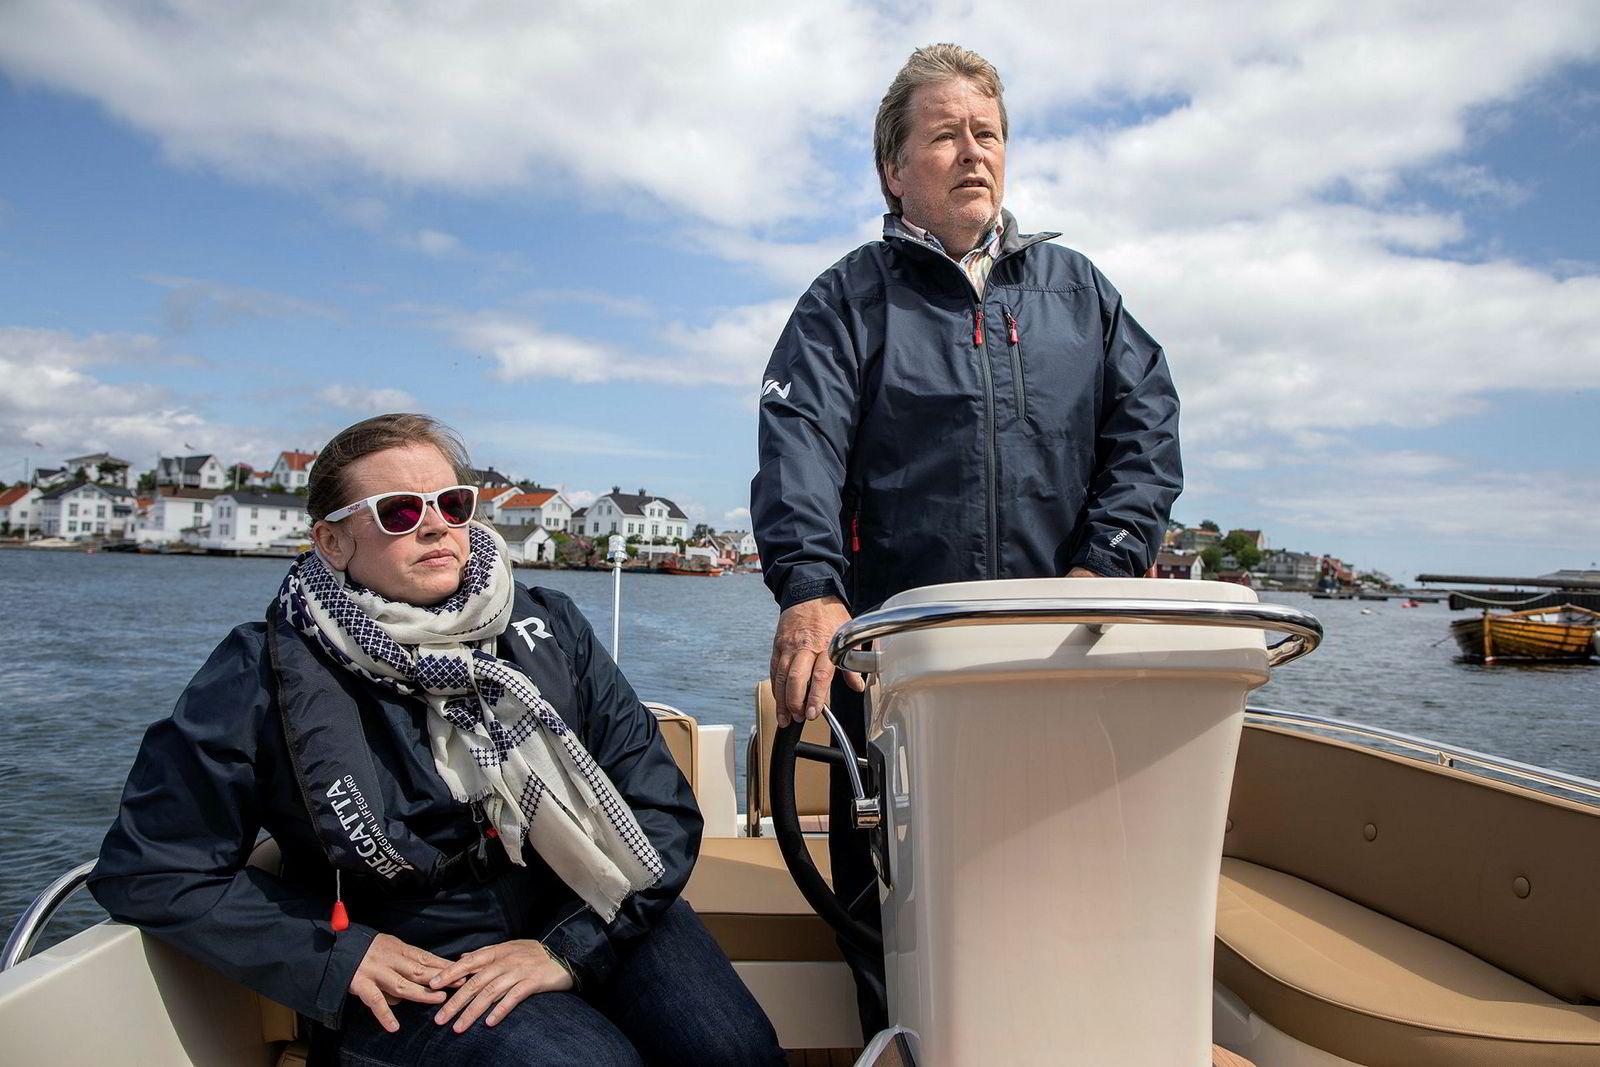 Ole Salomonsen og sjefen hans, datteren Ida Salomonsen Thorrud, tror det kun er snakk om tid får elbåtrevolusjonen starter for alvor